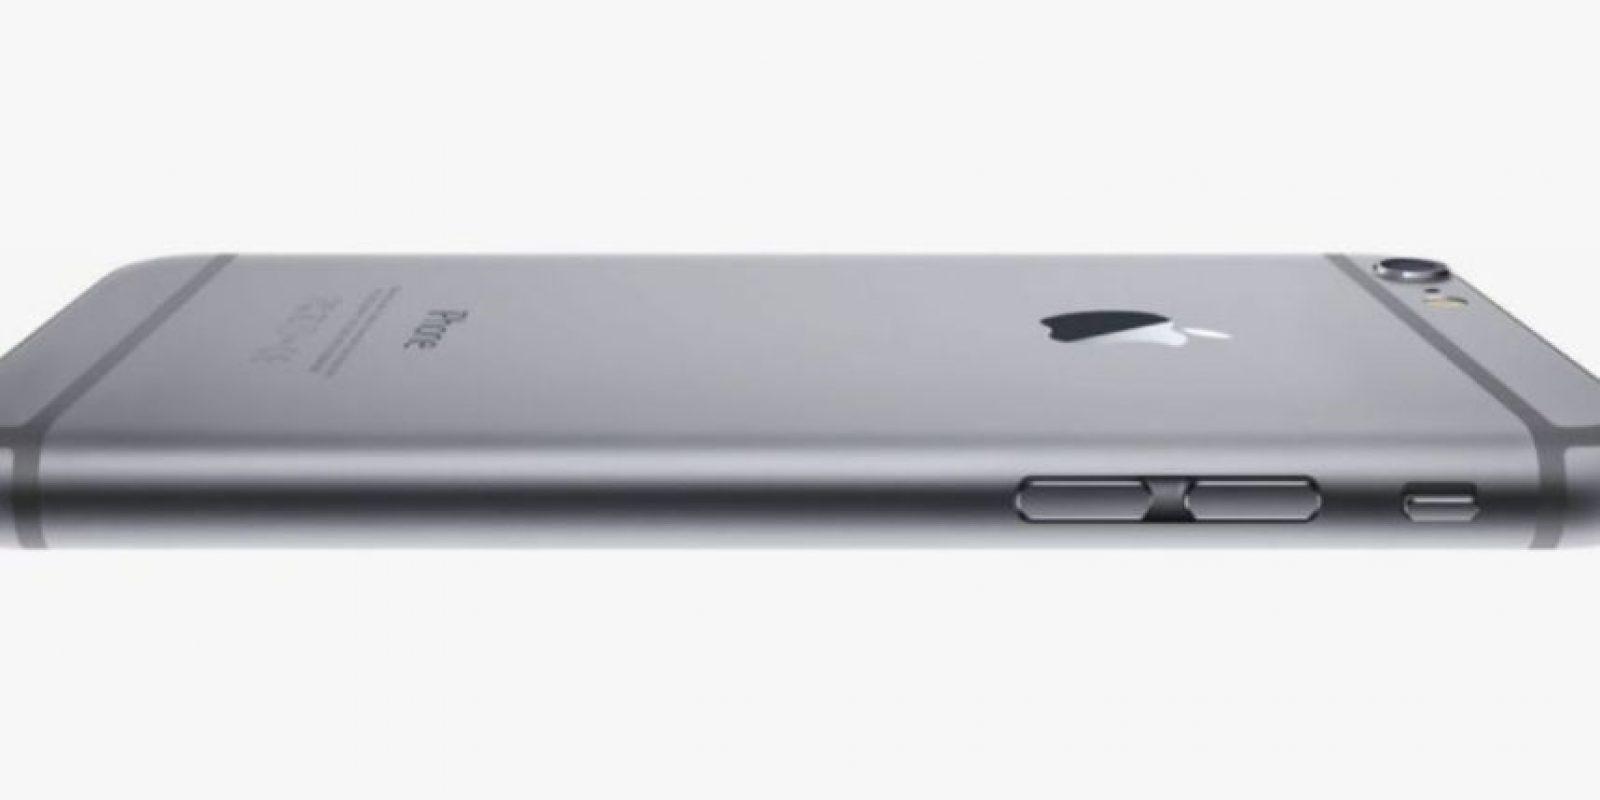 Los cambios en el iPhone 6s serán internos. Foto:Apple